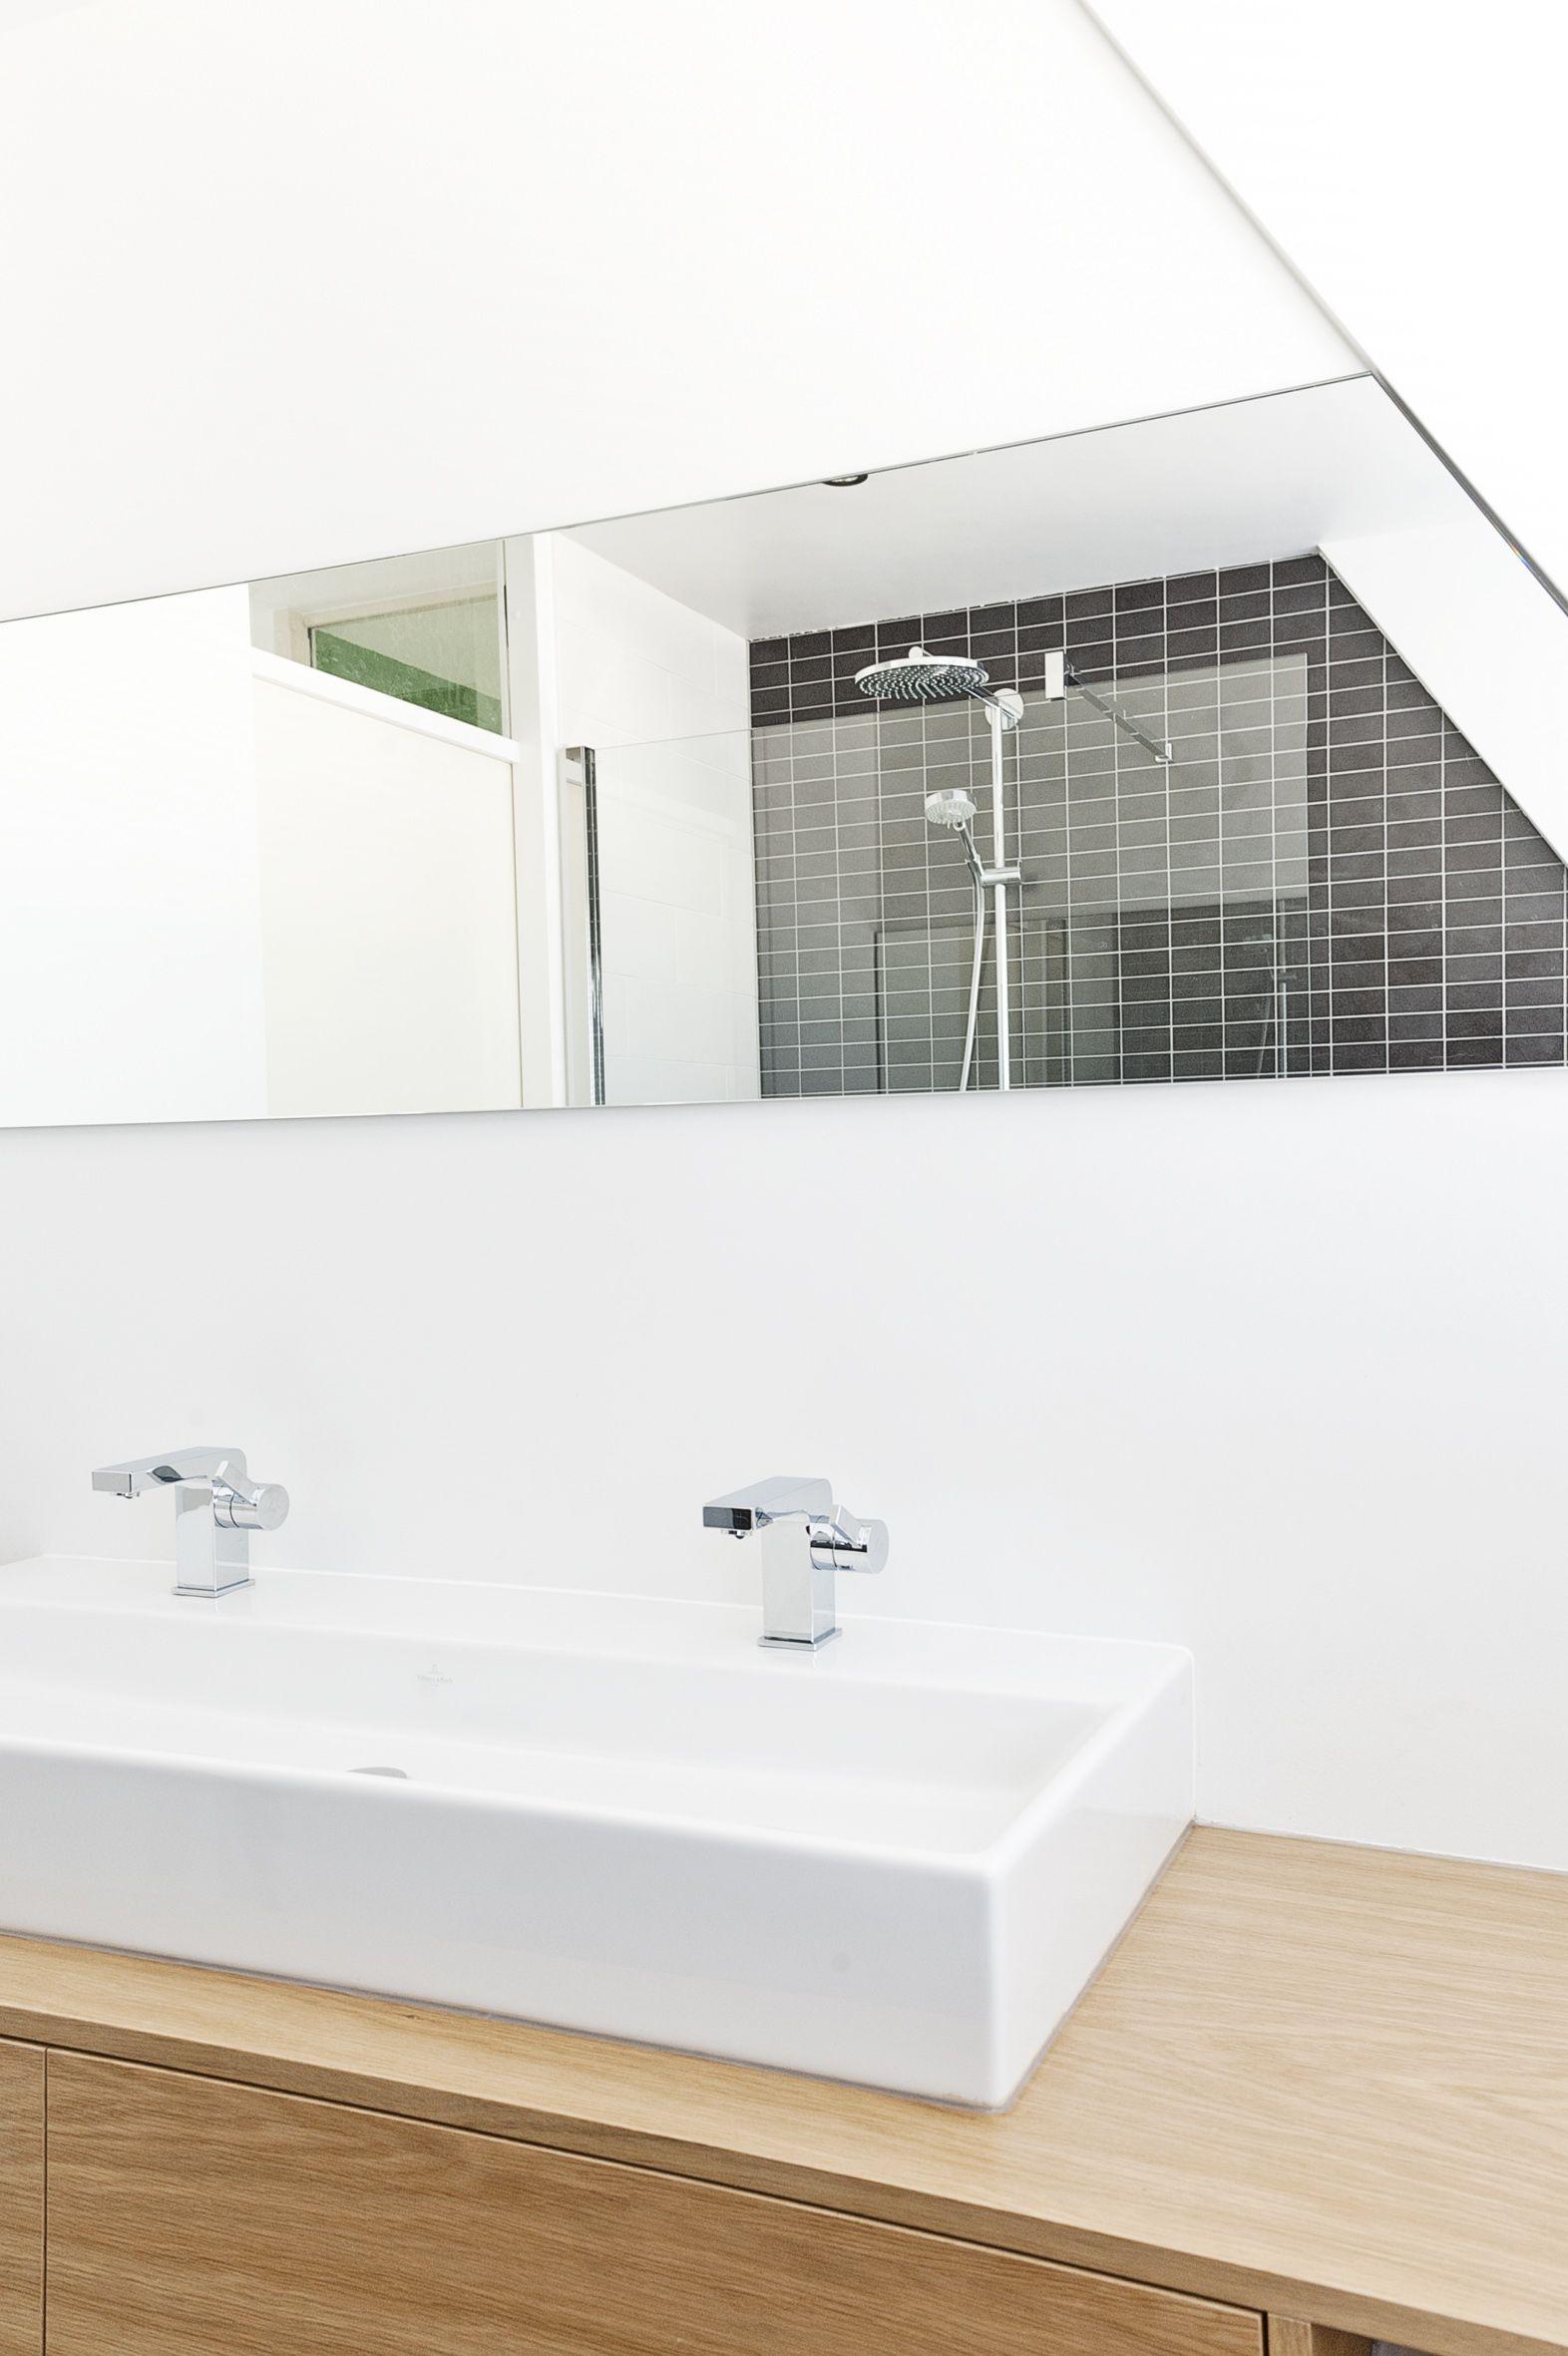 badkamer ontwerp interieurplan gerealiseerd door jolanda knook